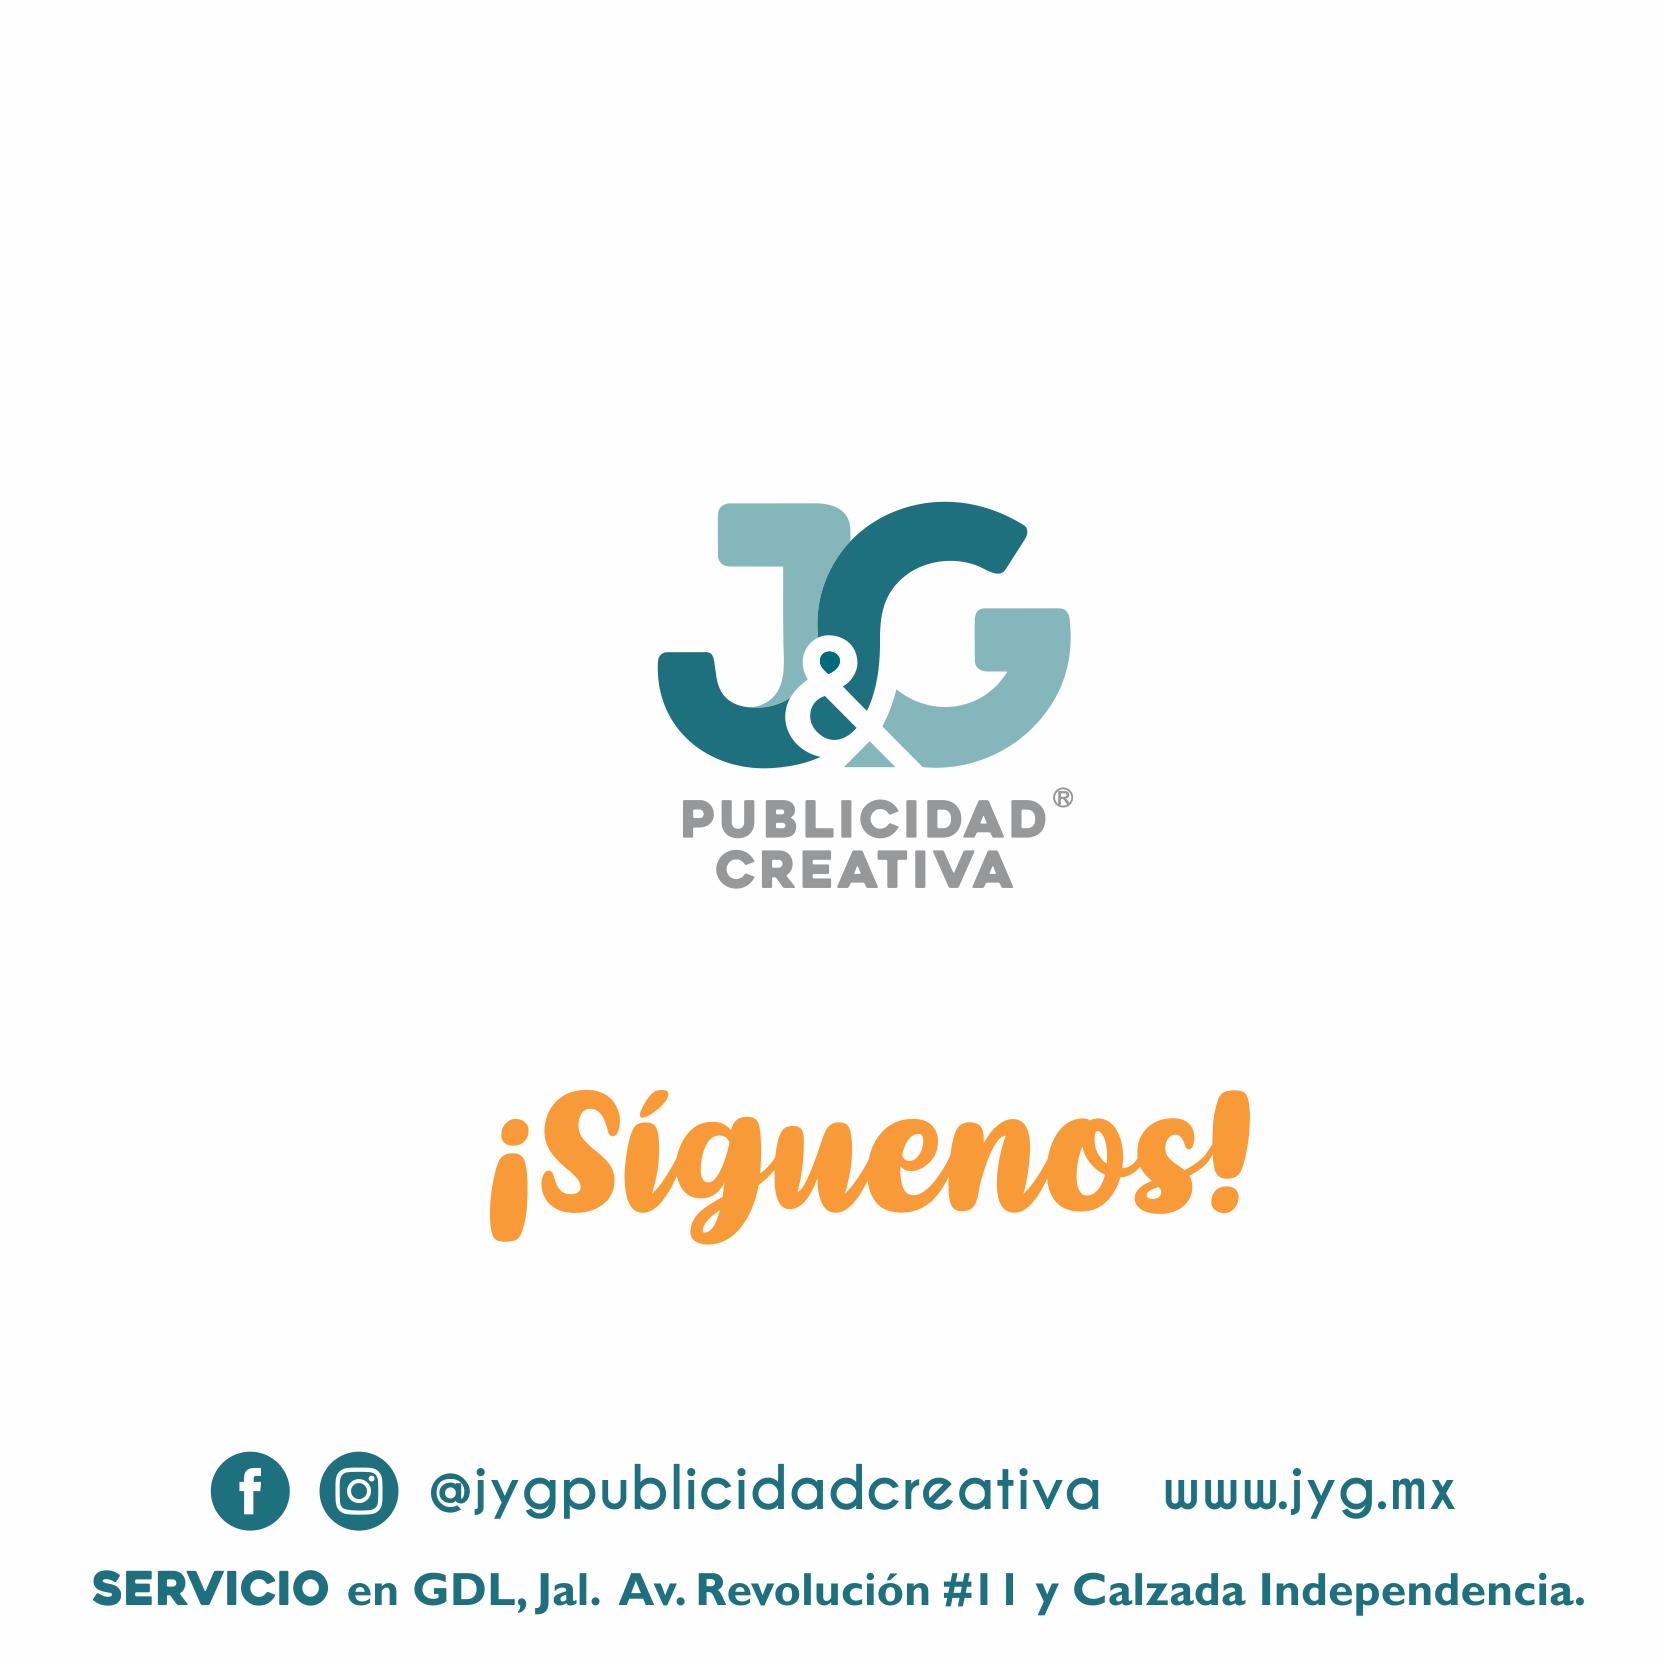 Síguenos - JyG Publicidad Creativa